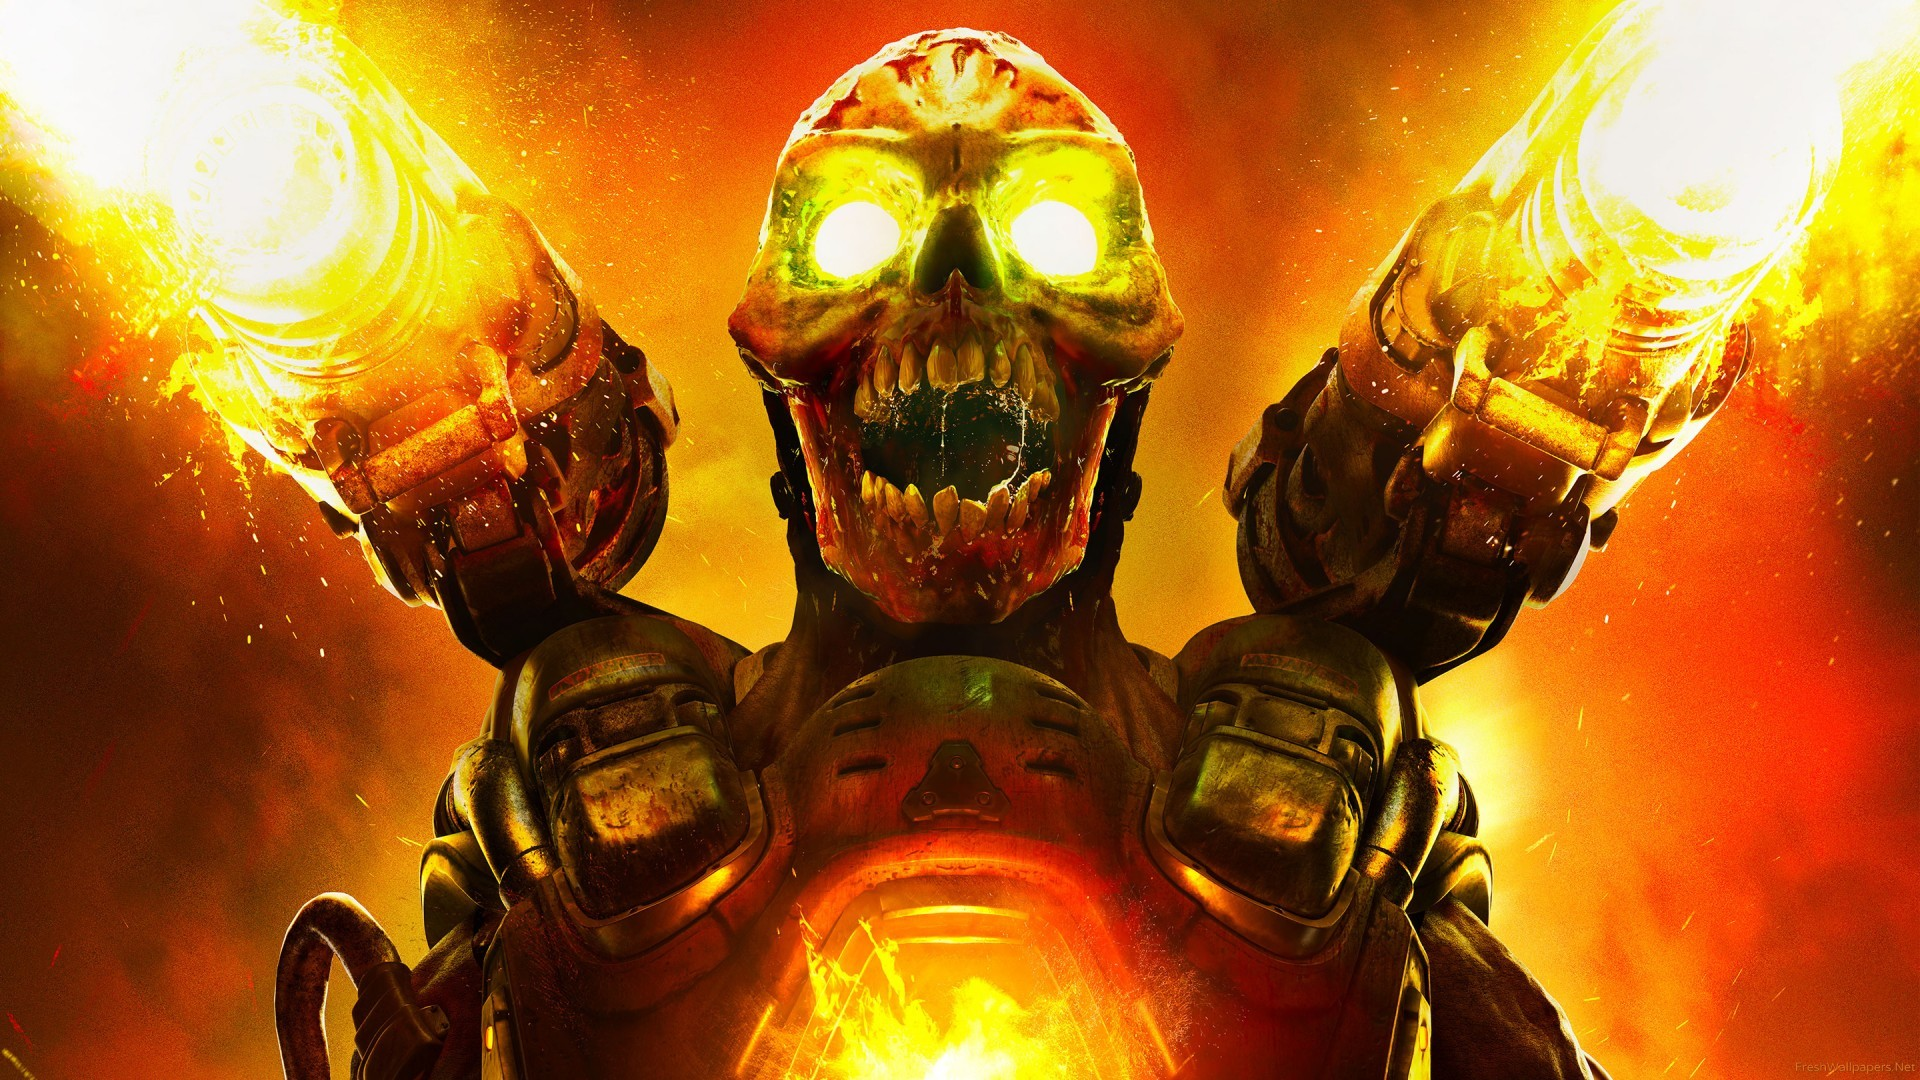 Doom wallpaper 1920x1080 ·① Download free full HD